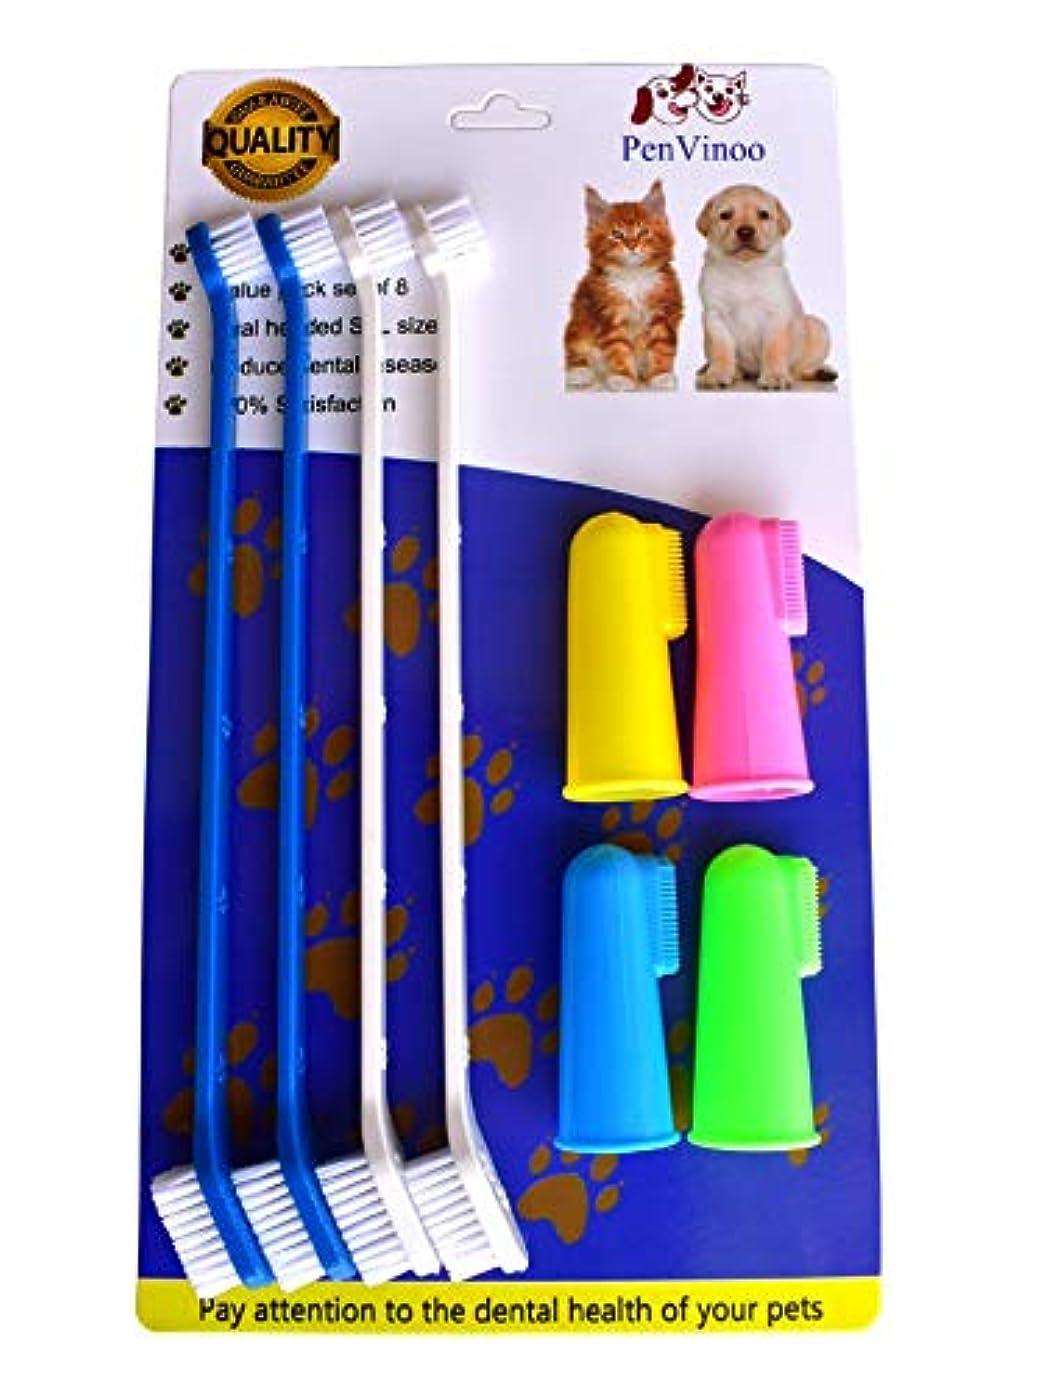 枢機卿ラバダイアクリティカルRosyLife 大型犬 小さなペット 犬柔らかい歯ブラシ犬用歯ブラシ指歯ブラシ ペット 歯ブラシ 4中性サイズ+ 4頭歯ブラシ